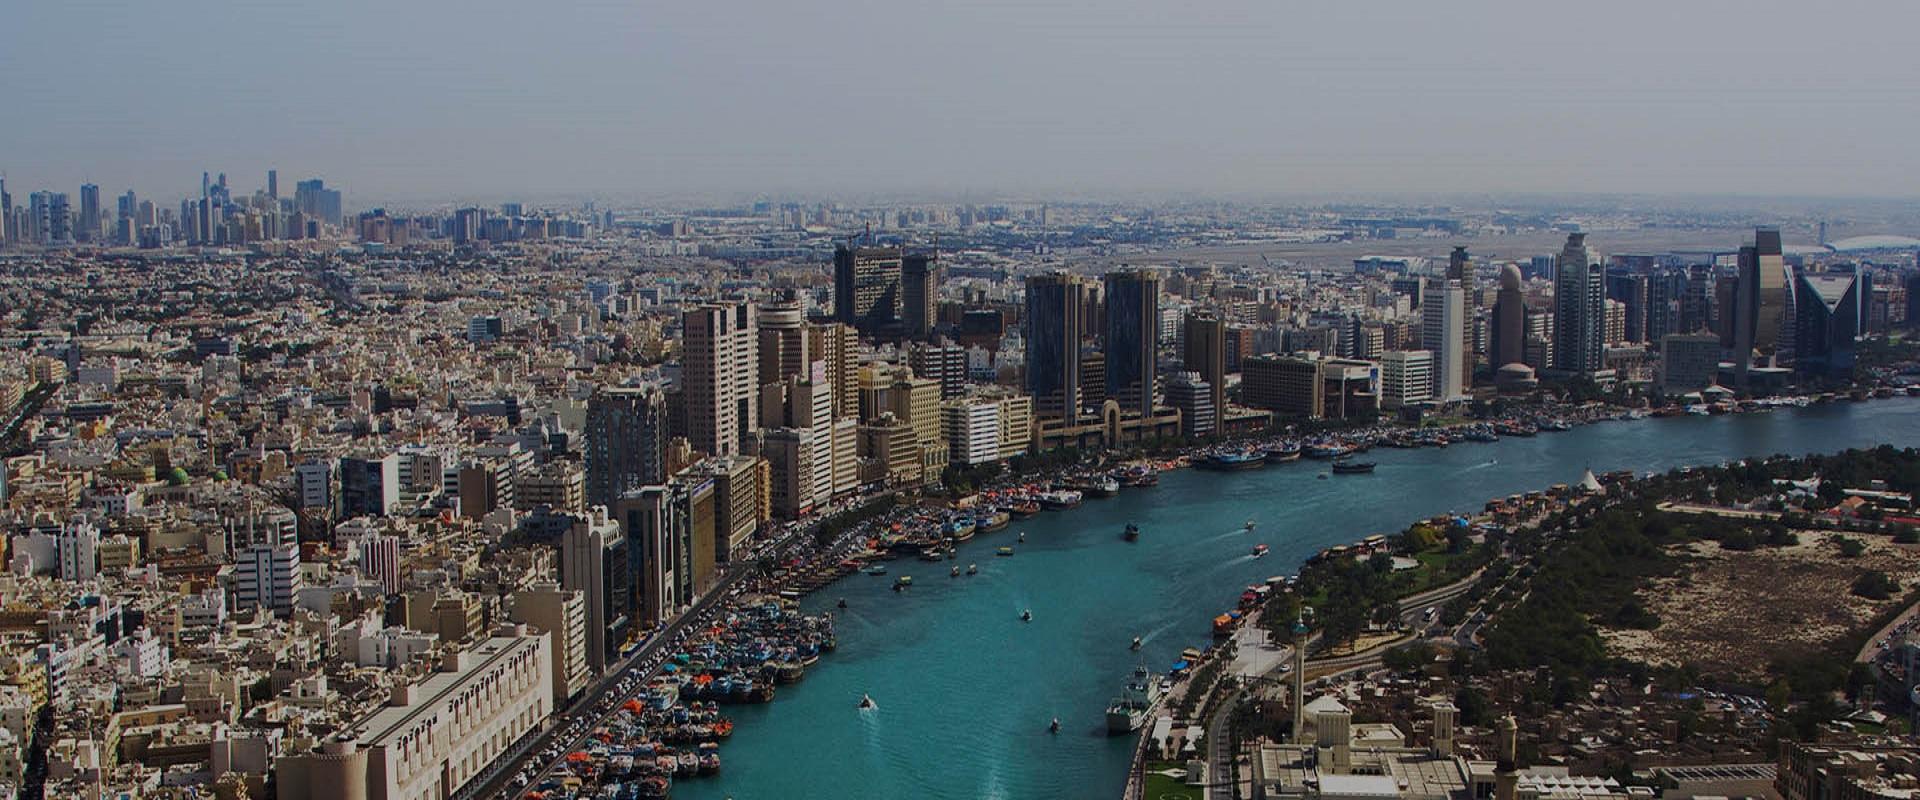 Dhow Cruise Four Star- Dubai Creek